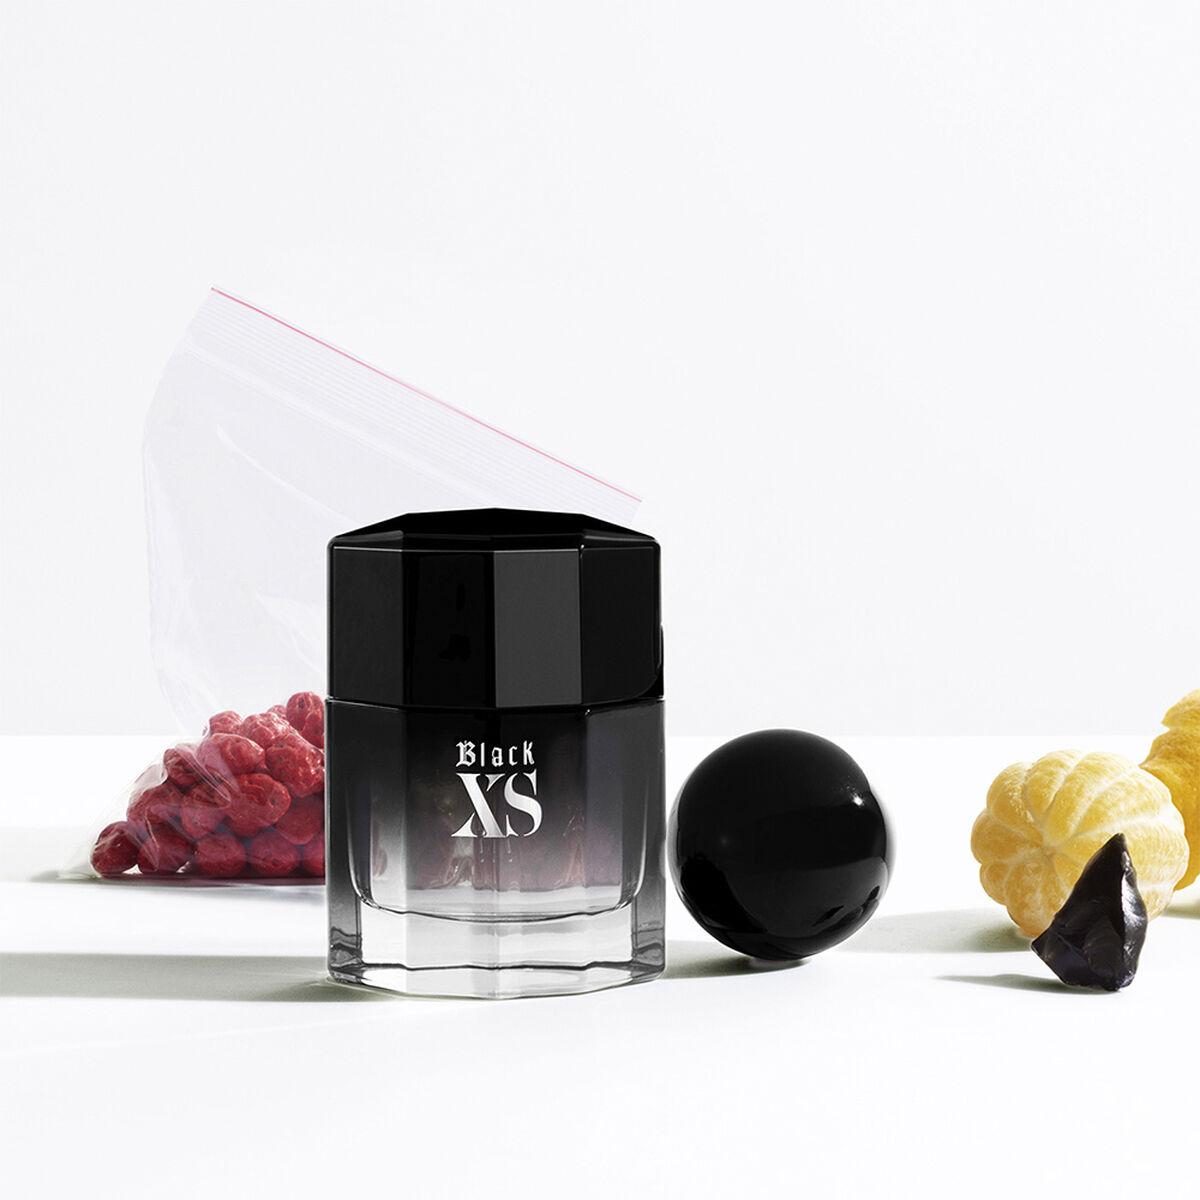 Black XS EDT 50 ml